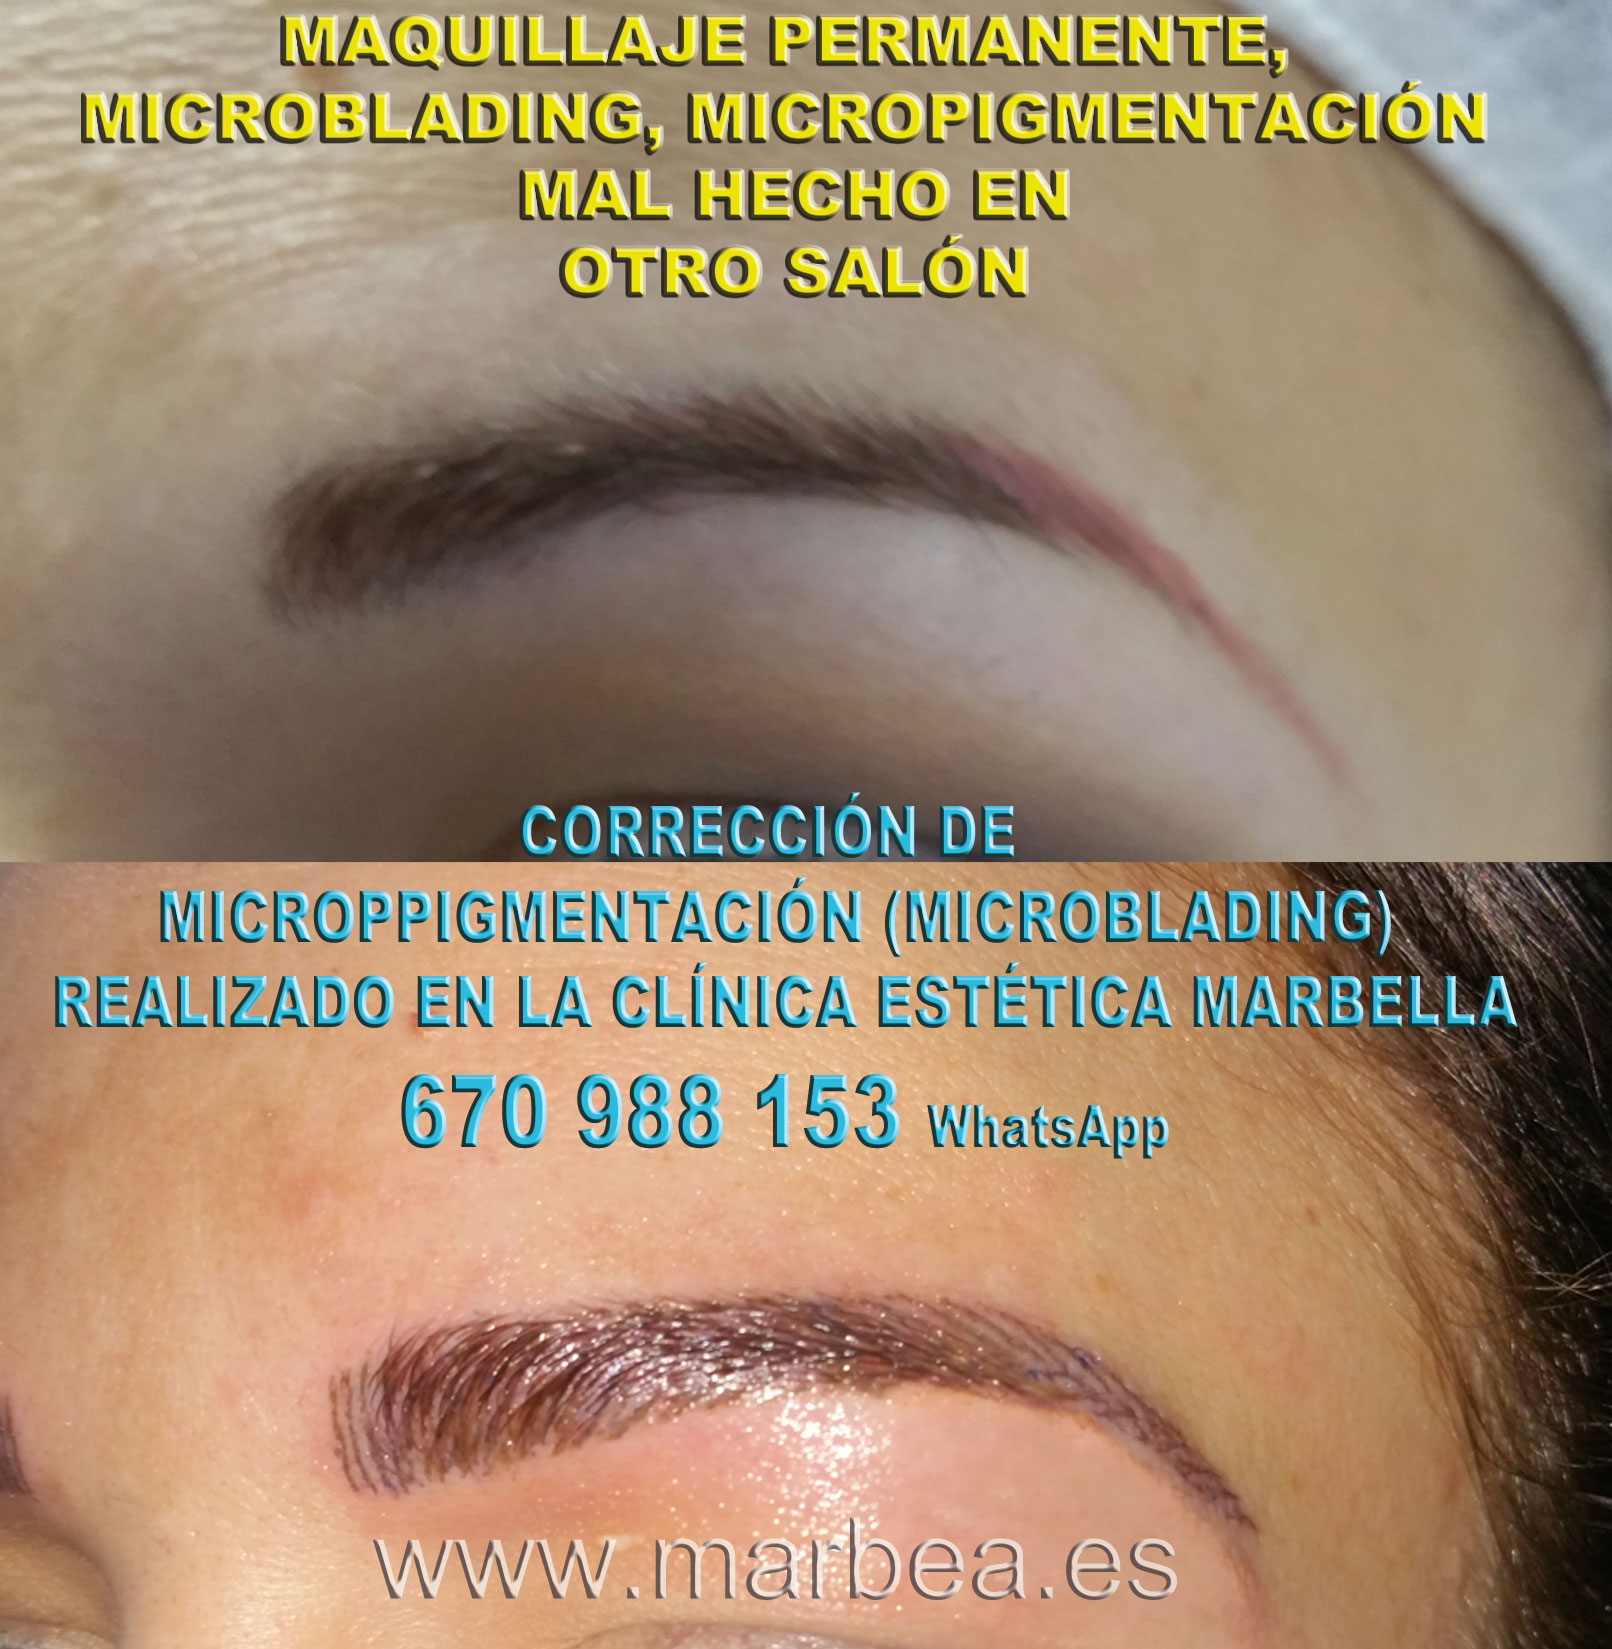 MAQUILLAJE PERMANENTE CEJAS MAL HECHO clínica estética microblading ofrenda como aclarar la micropigmentación cejas,corregir micropigmentación mal hecha